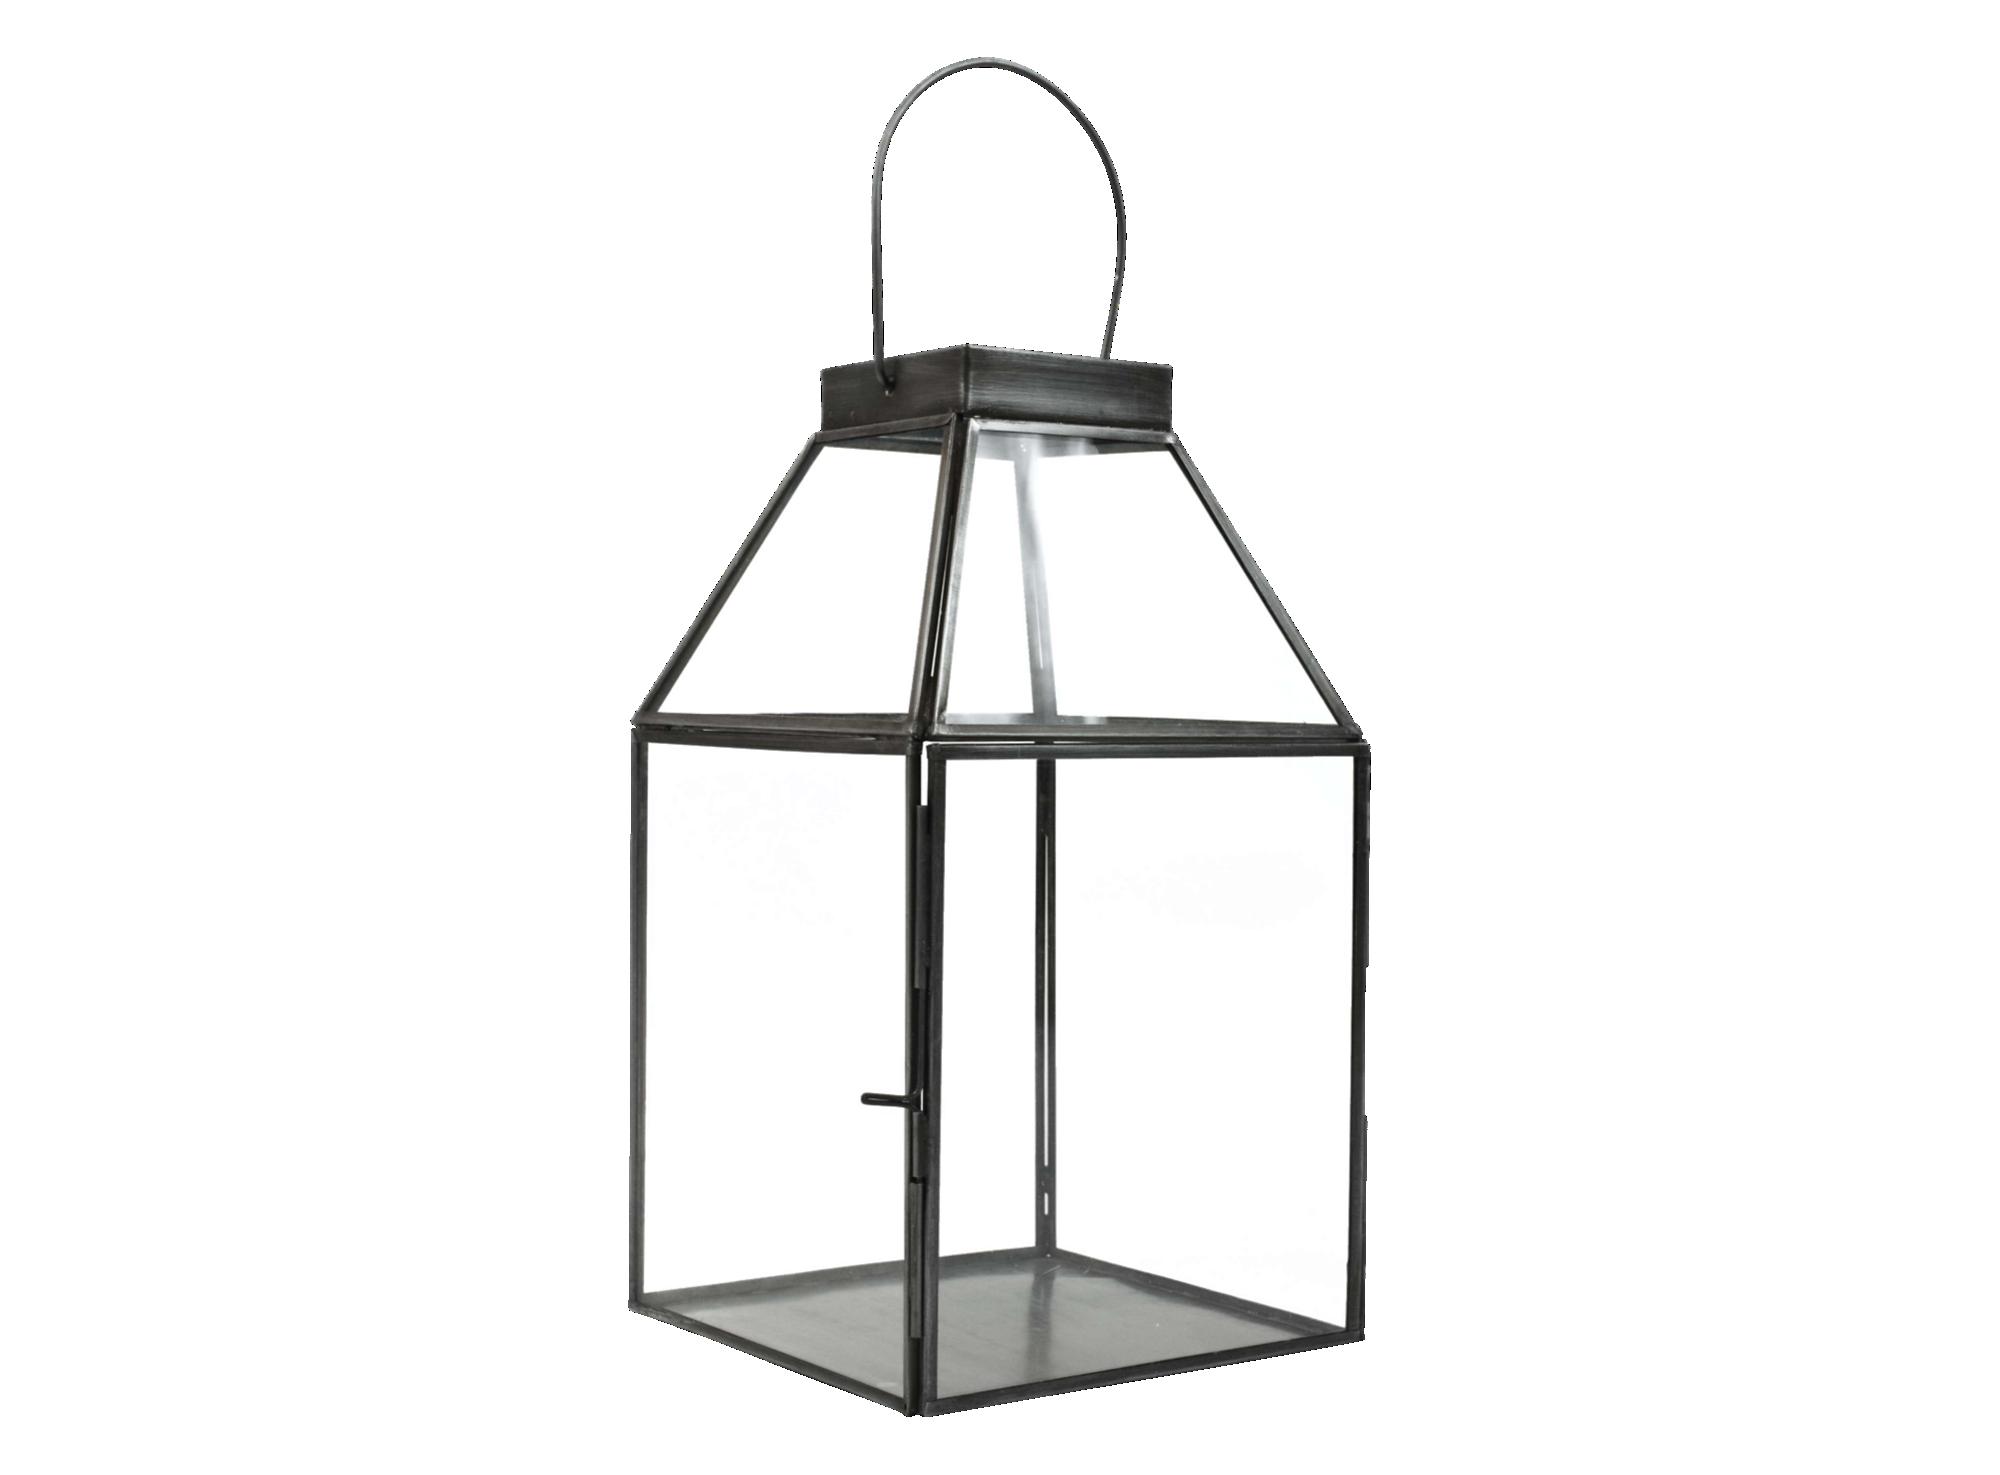 Lanterne h29cm en acier galvanise et verre mecanique transparent colo ...